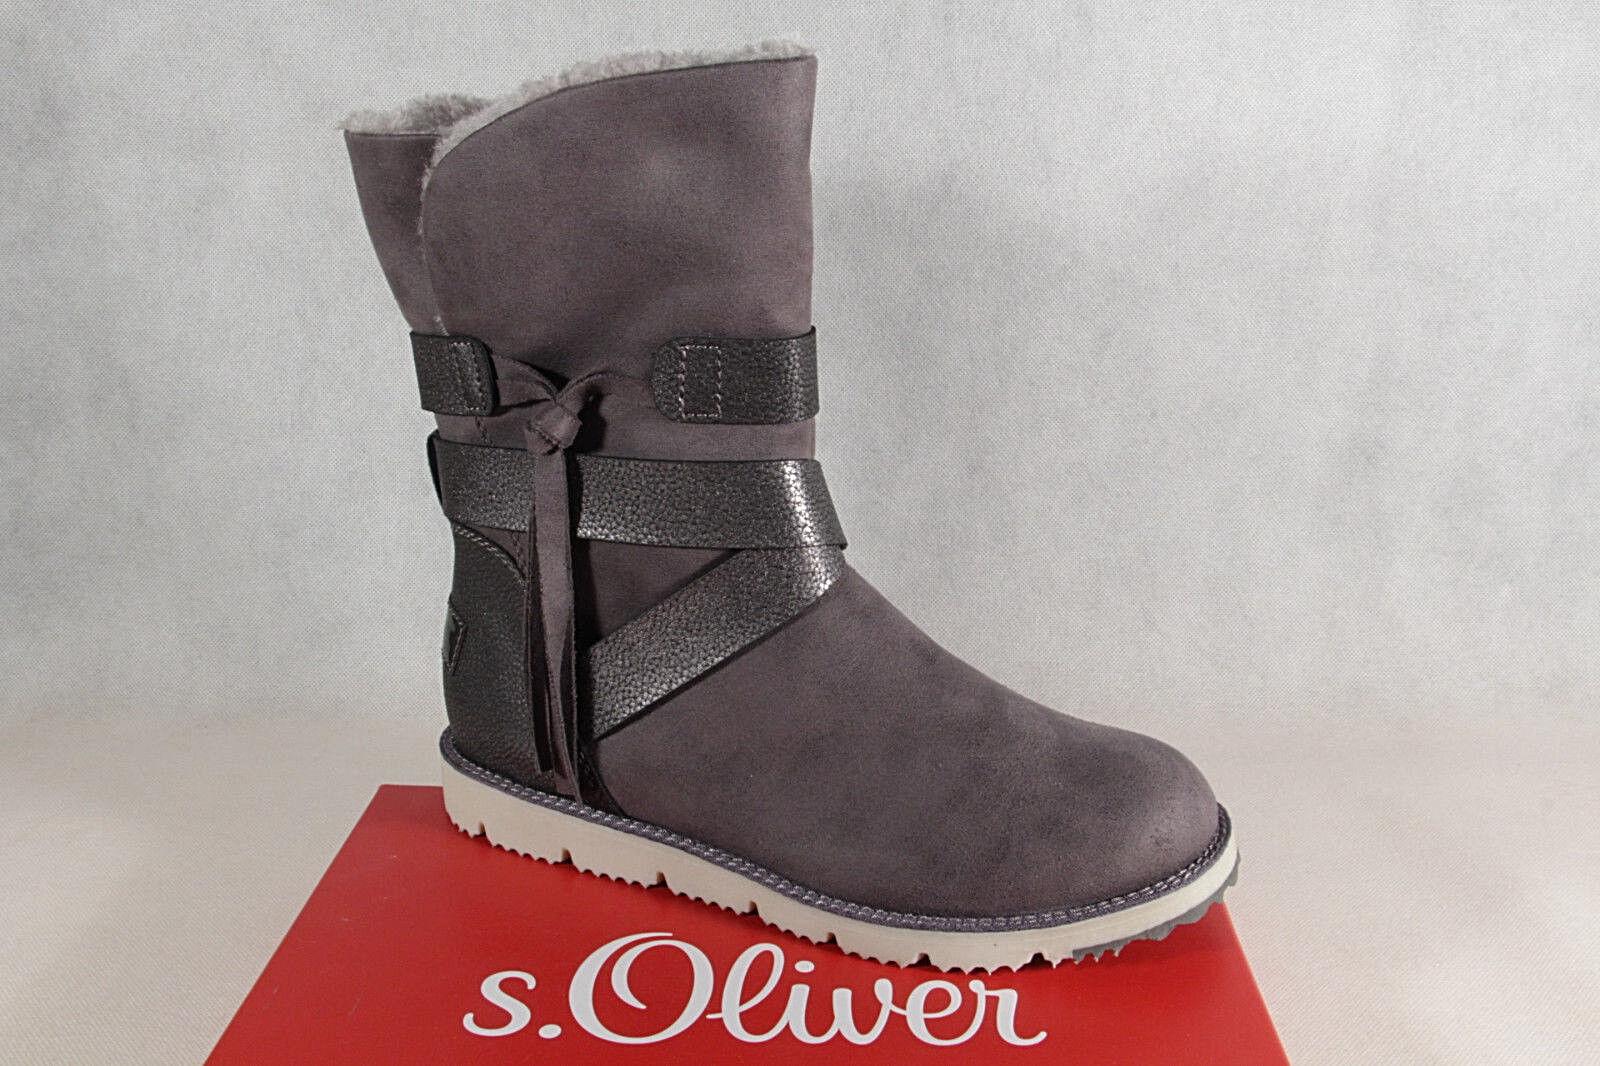 S. Oliver Da Donna Stivali, ANTRACITE Stivaletti, Stivali Stivali invernali ANTRACITE Stivali, 26481 NUOVO! c039ad